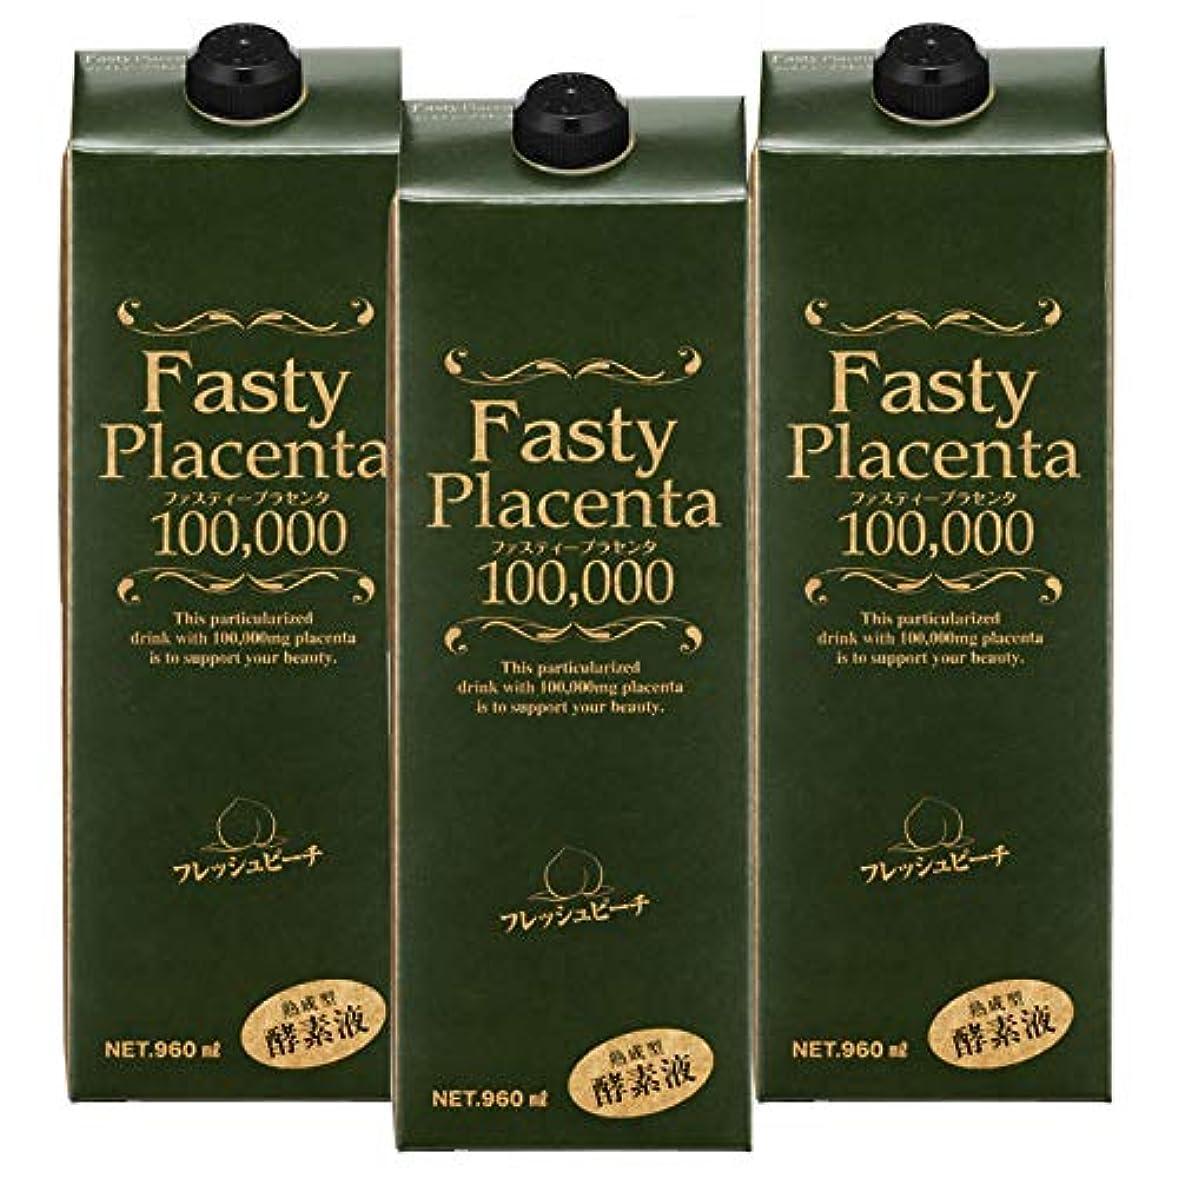 入学するライラックメロディーファスティープラセンタ100,000 増量パック(フレッシュピーチ味) 3本